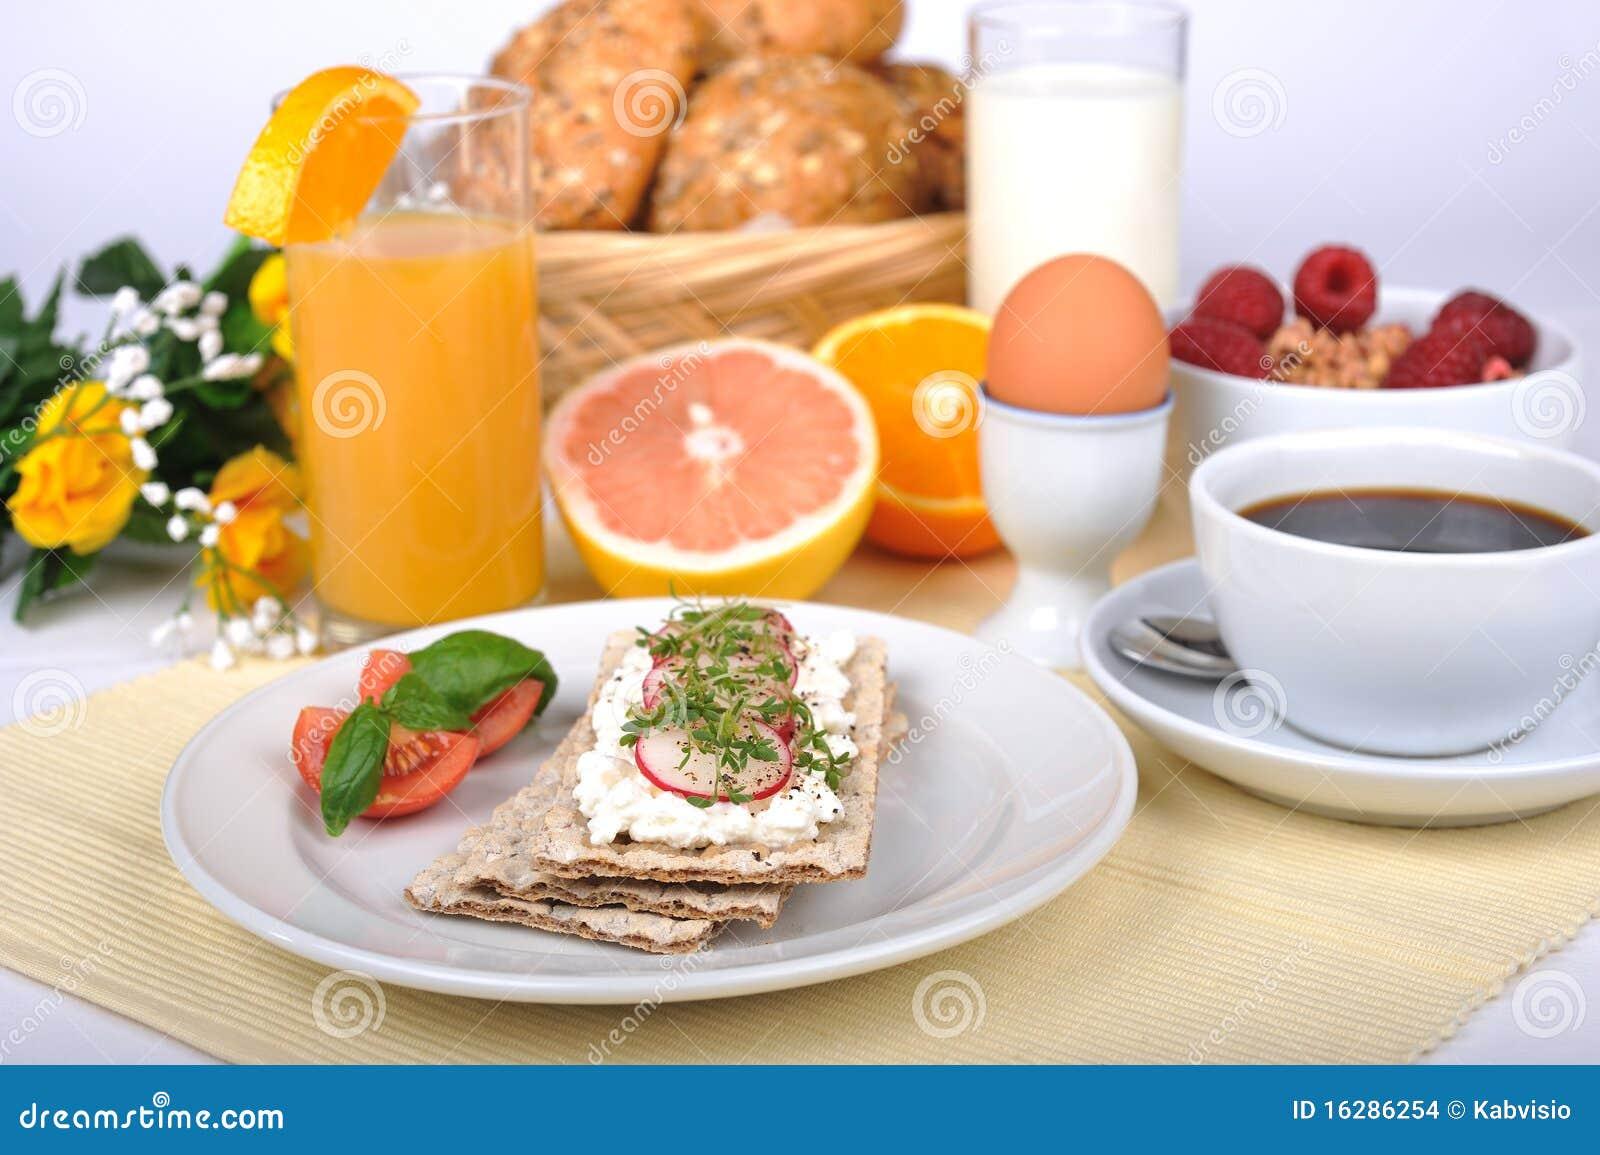 Breaktfast with juice, crispbread, fresh grapefruit, orange, muesly.